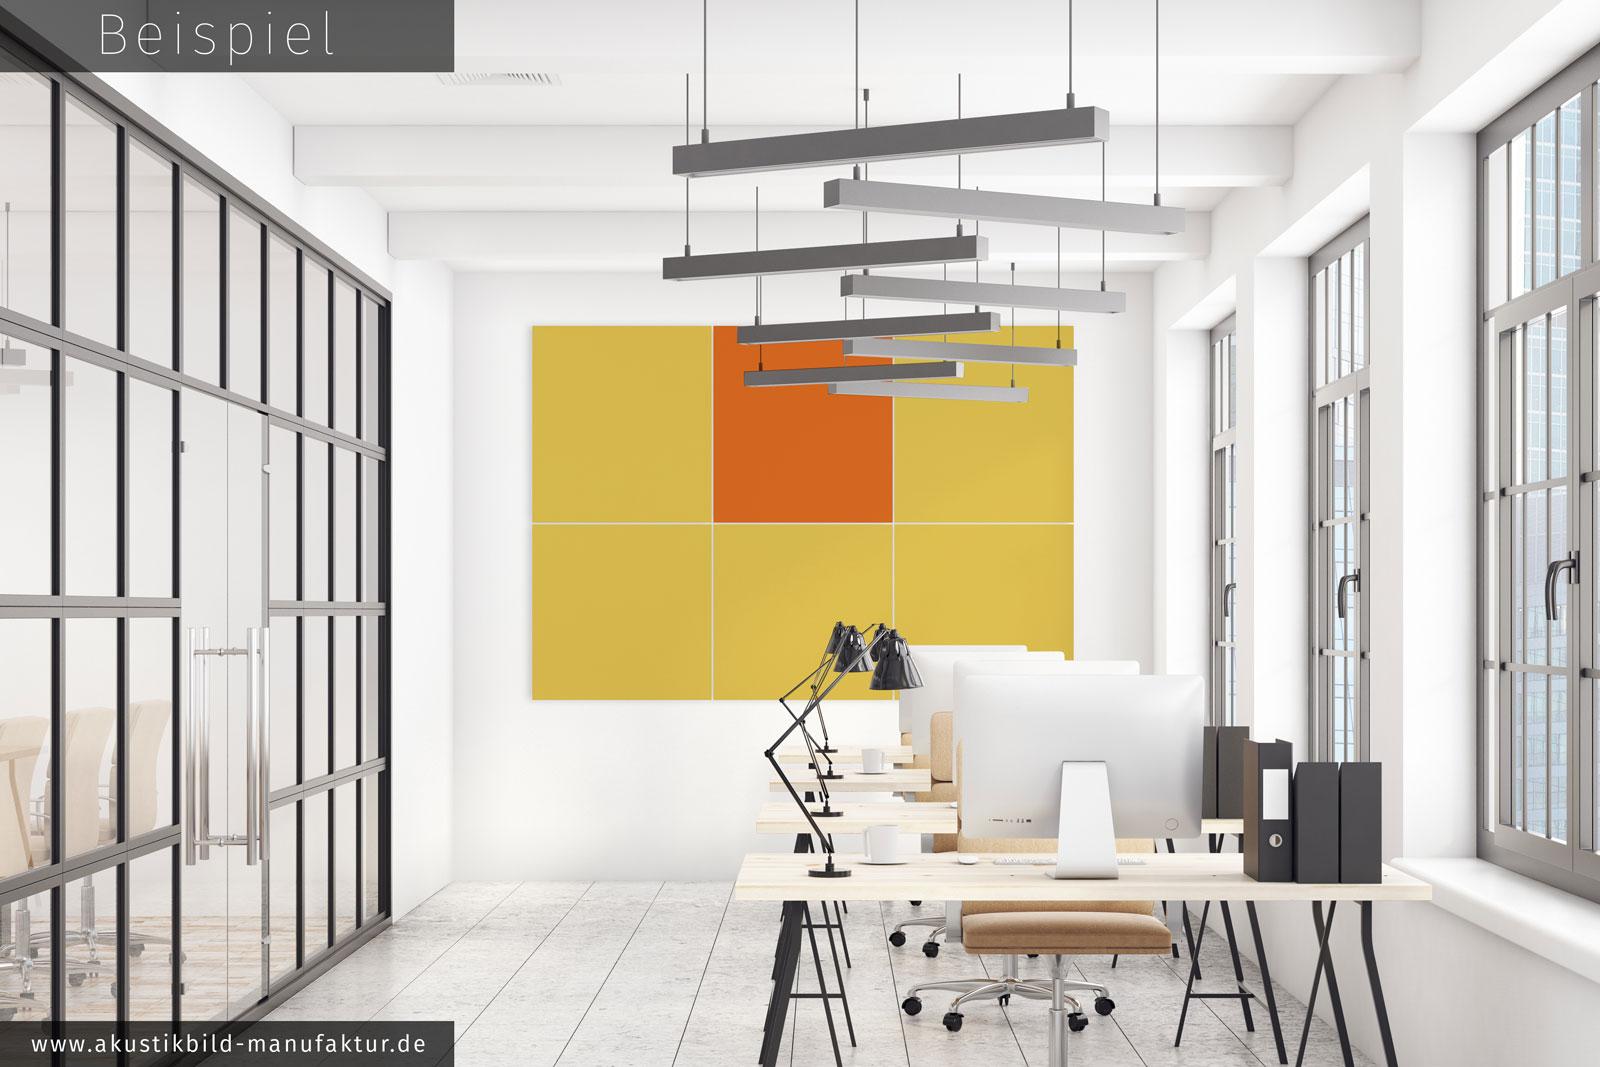 Schallschutz Bilder Bringen Eine Gute Raumakustik In Buros Und Wohnungen